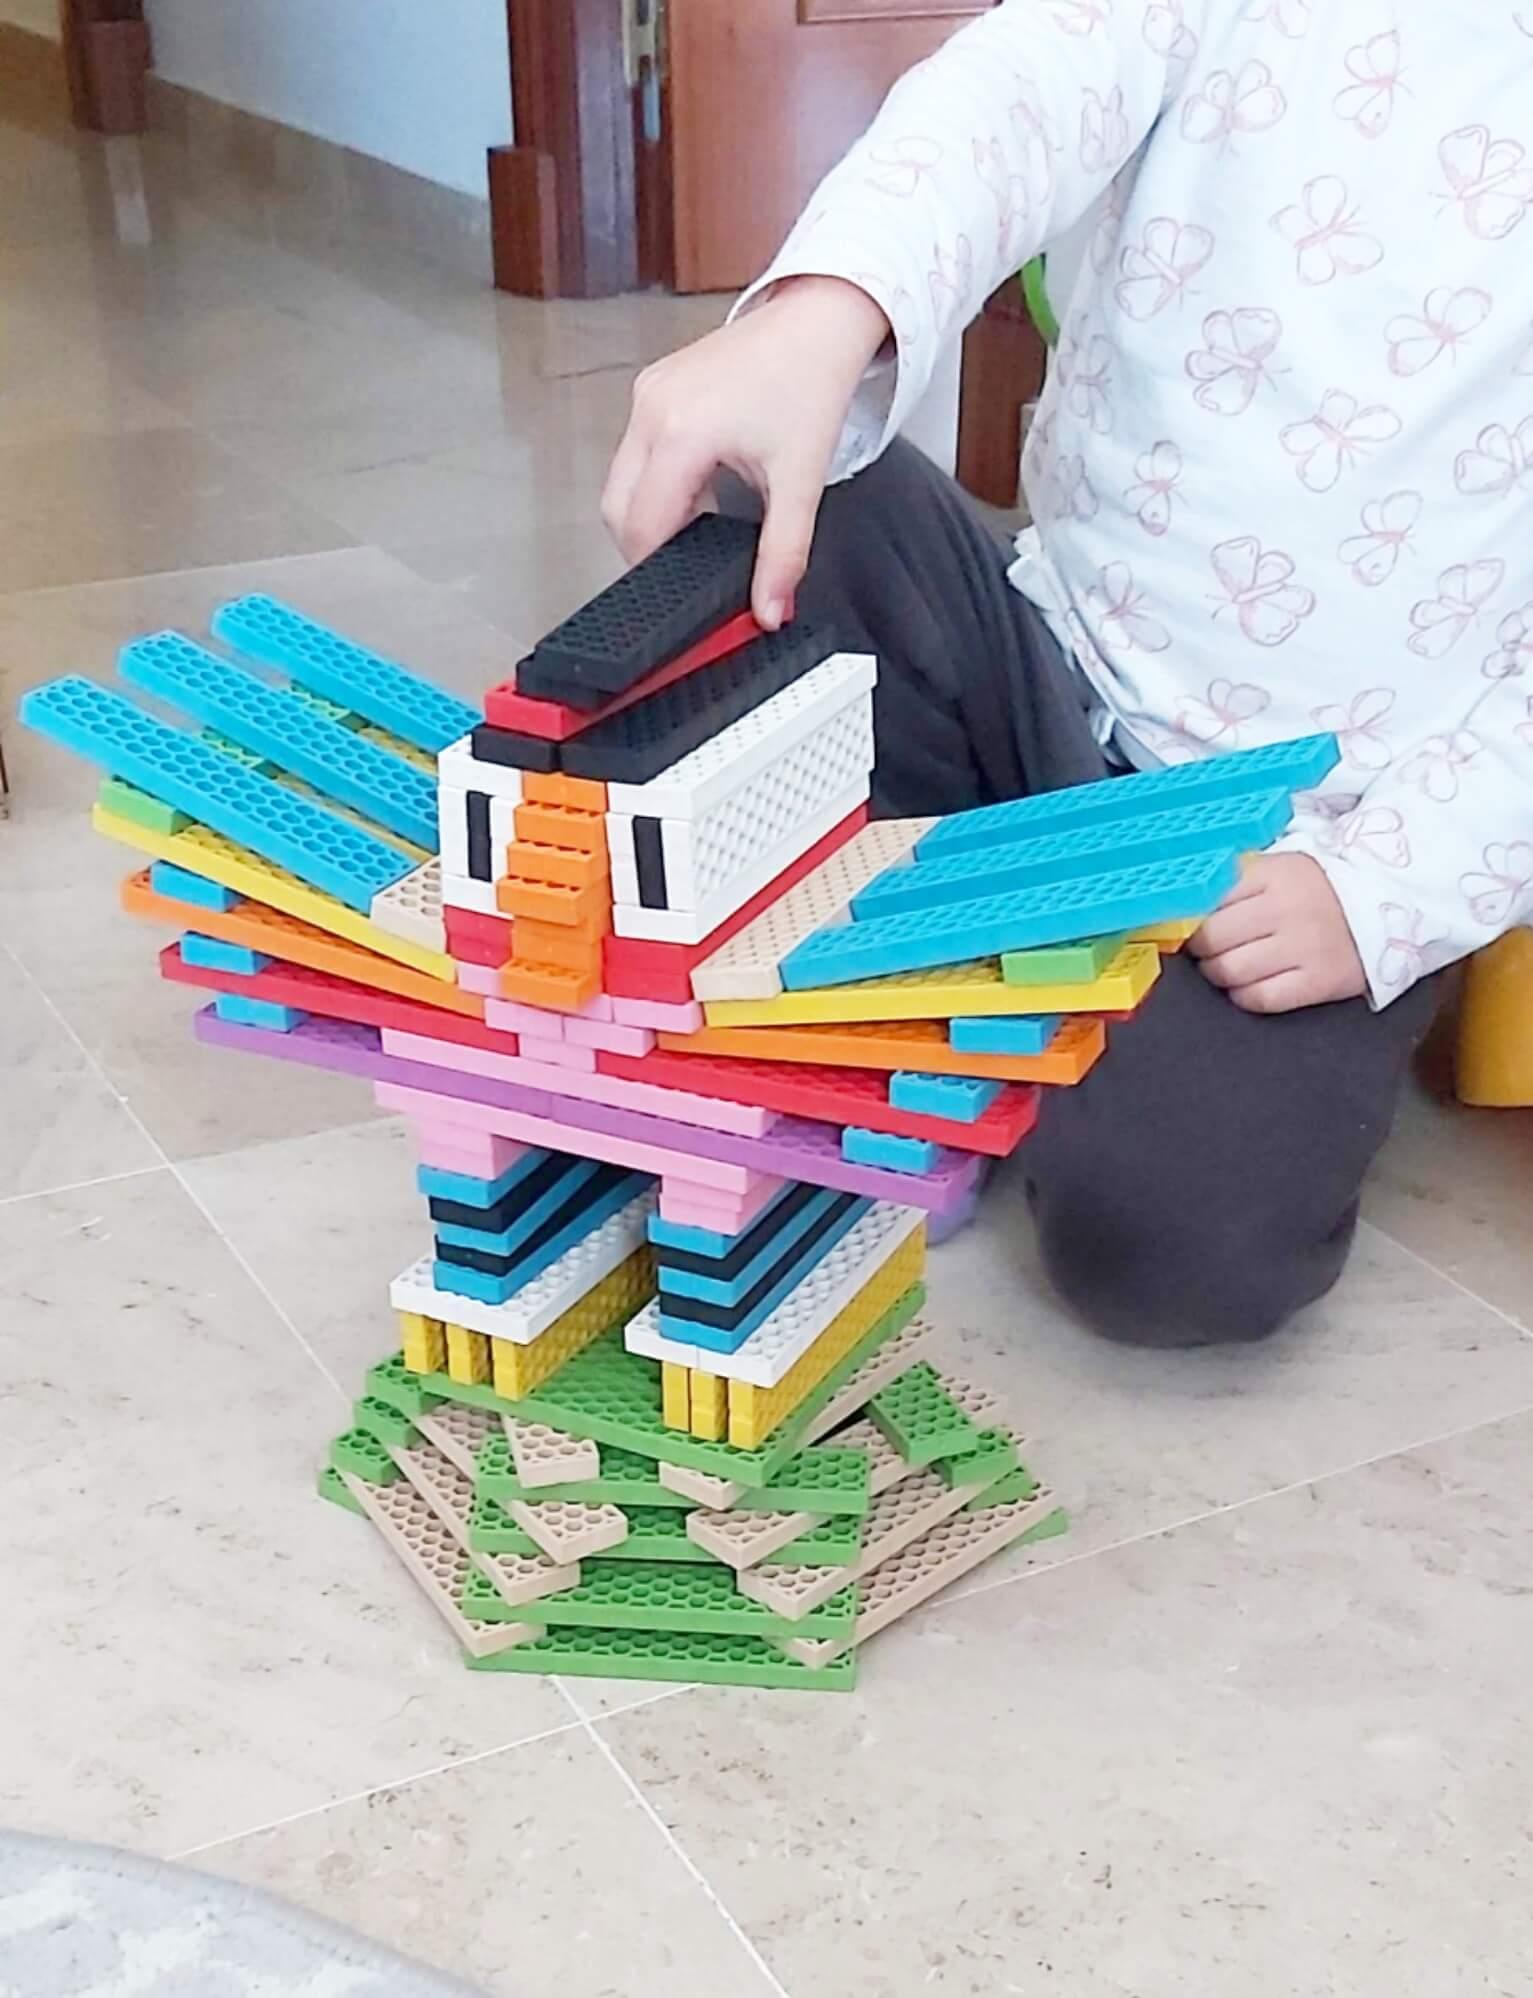 jugar con bloques y construcciones 2